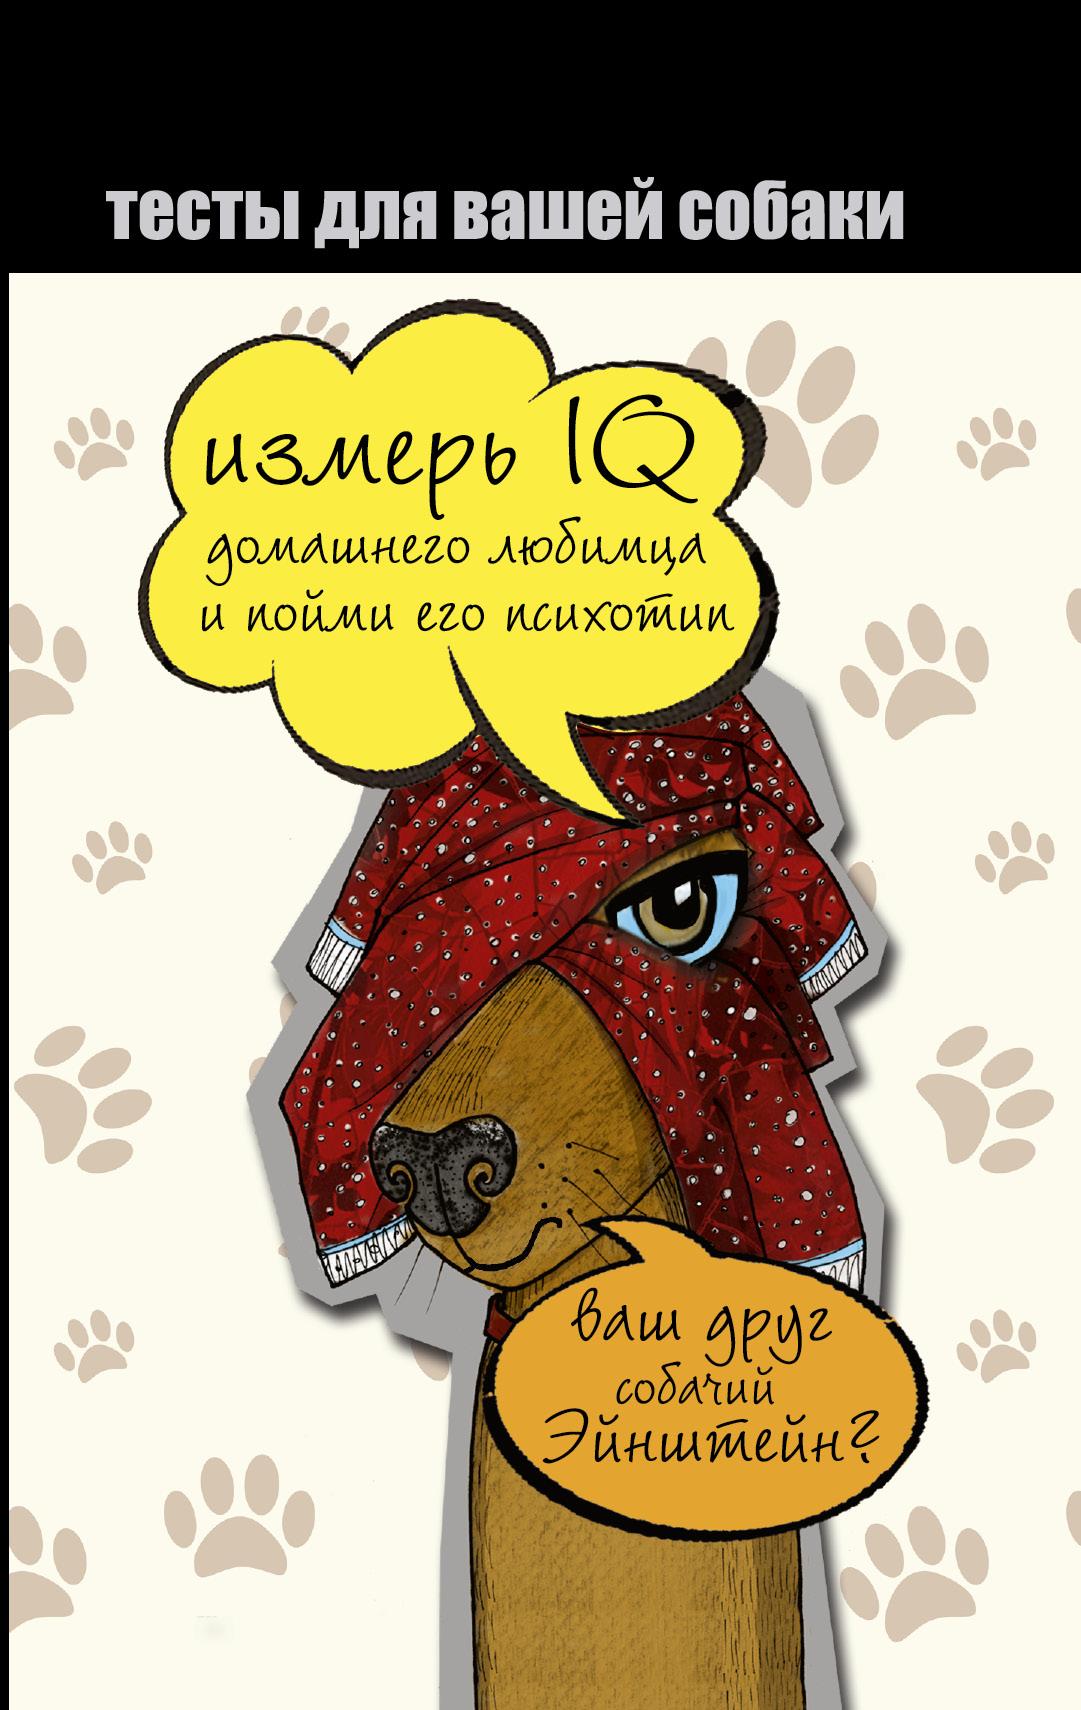 Тесты для вашей собаки ( Сурженко Я.В.  )